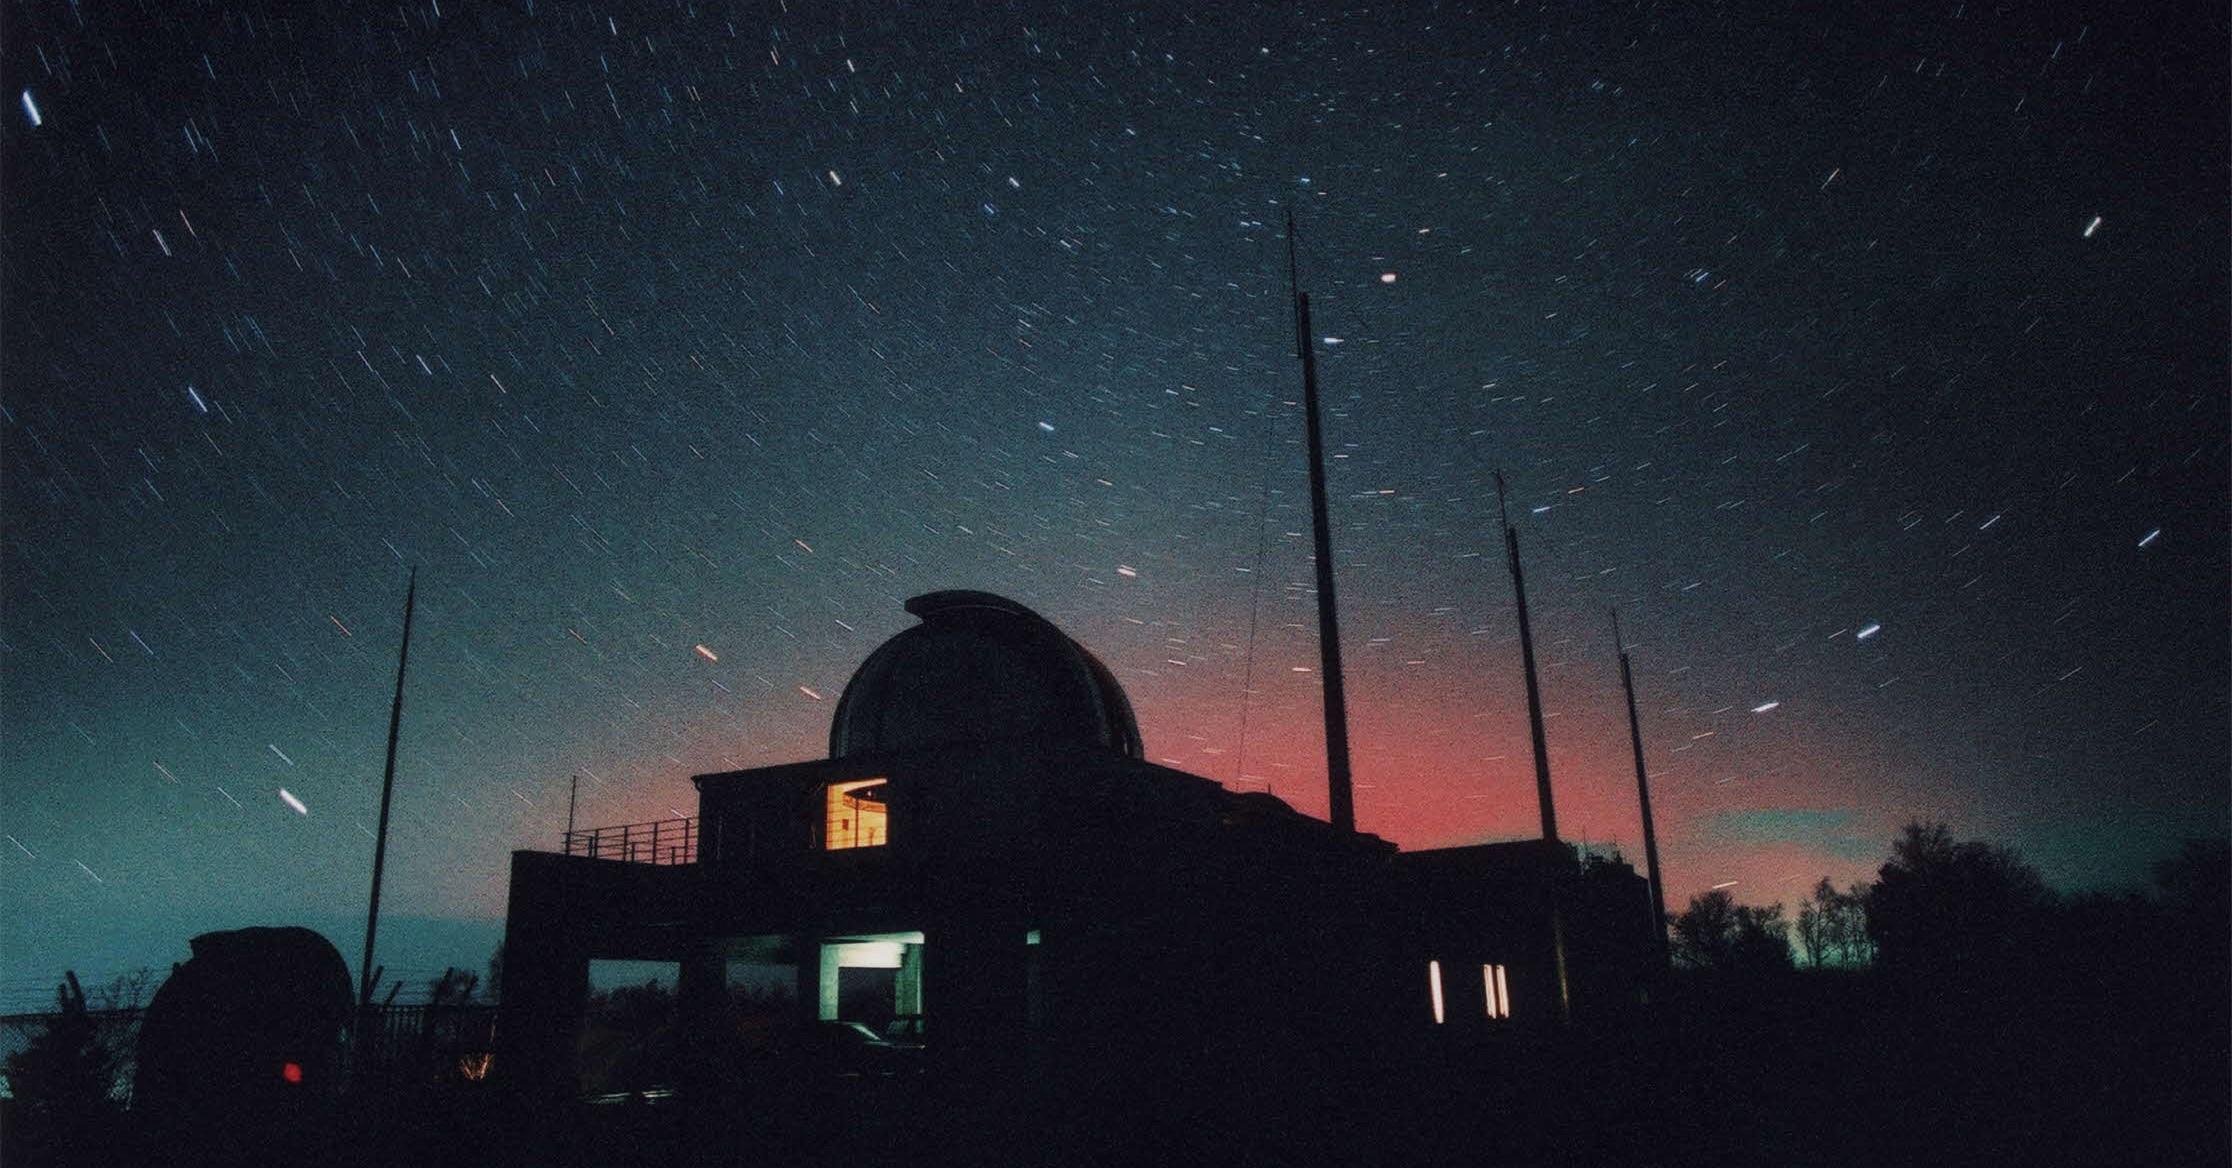 銀河の森天文台